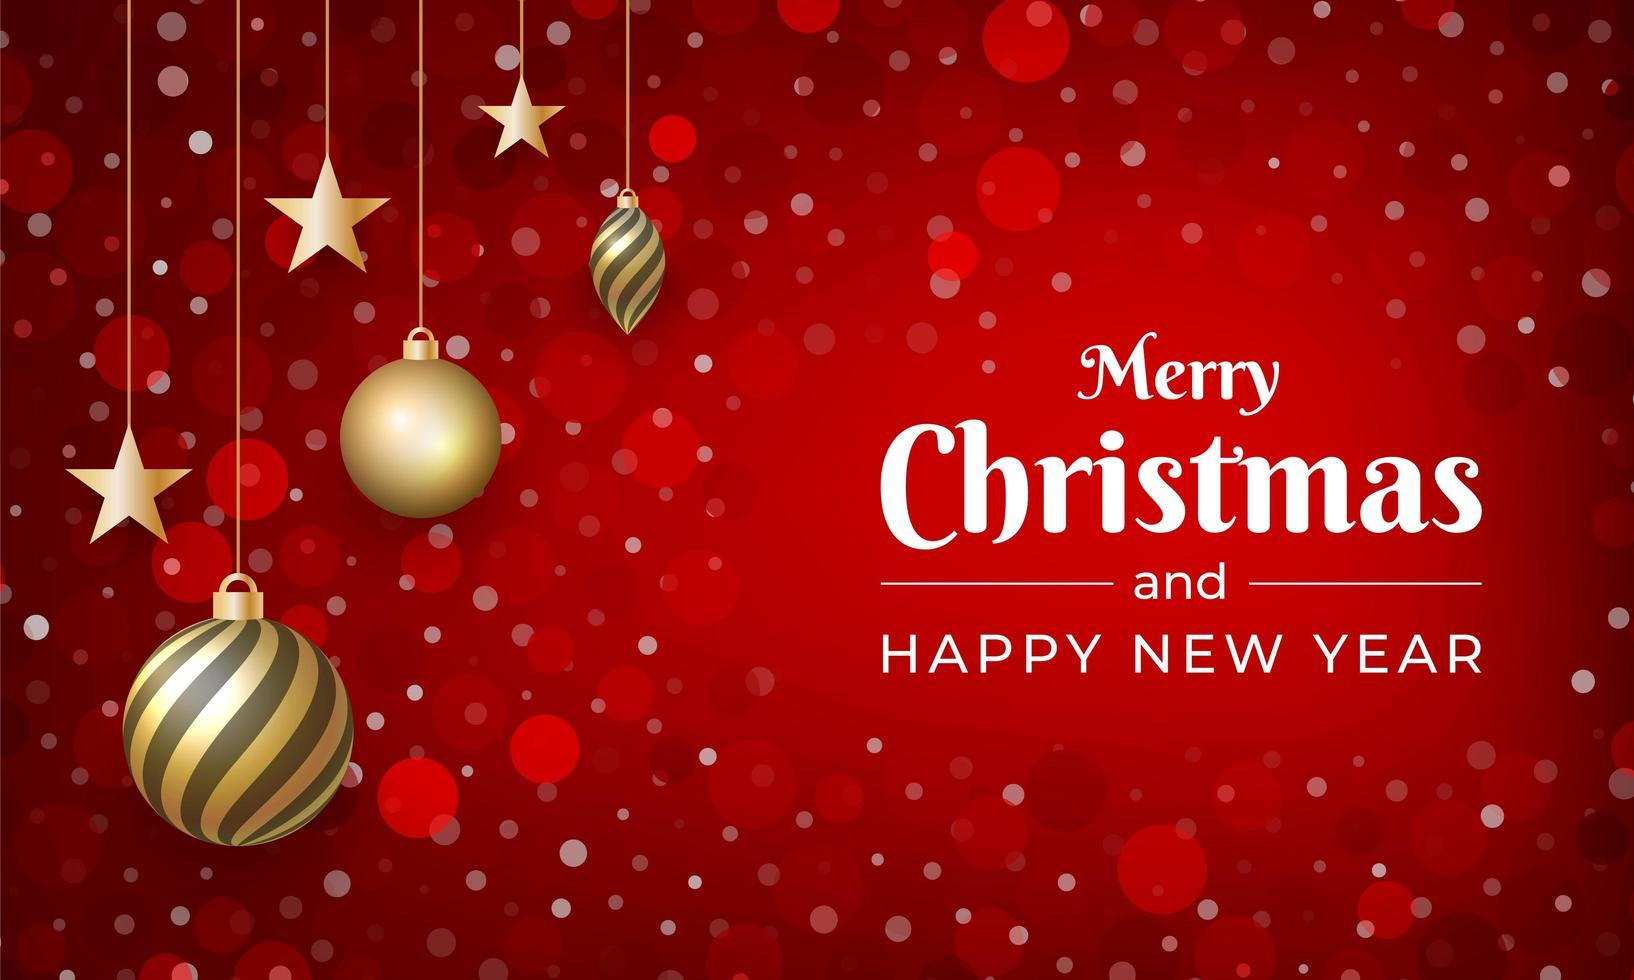 vrolijk kerstfeest met rode kleur en sneeuweffect vector